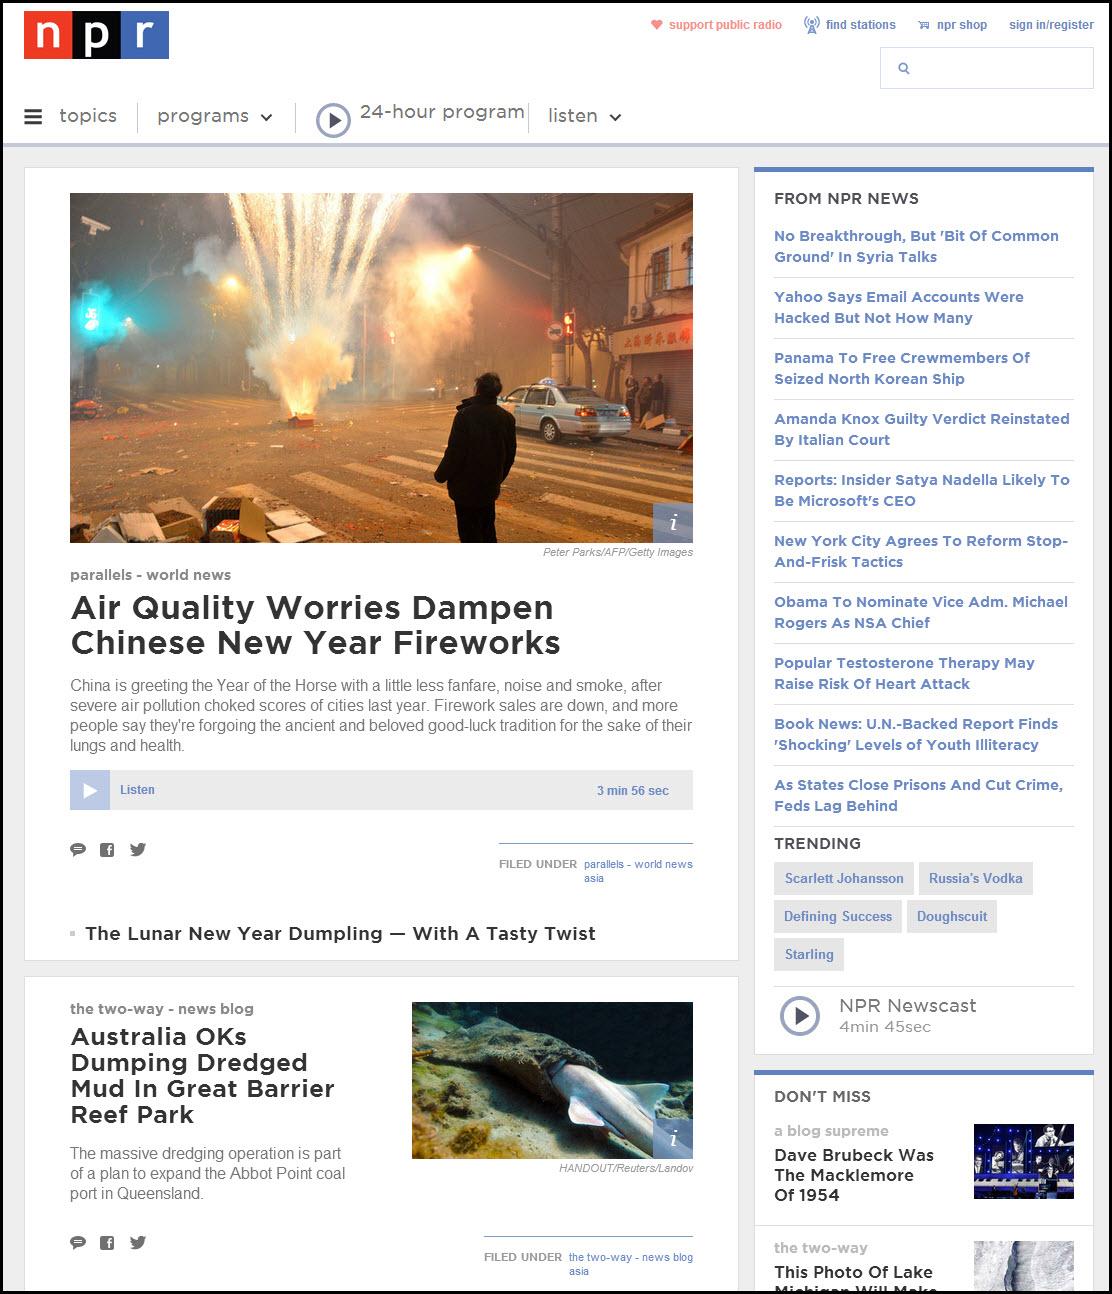 NPRのトップページは、ニュースの見出しを流し読みして興味のあるコンテンツを見つける、Webの読者向けにデザインされている。